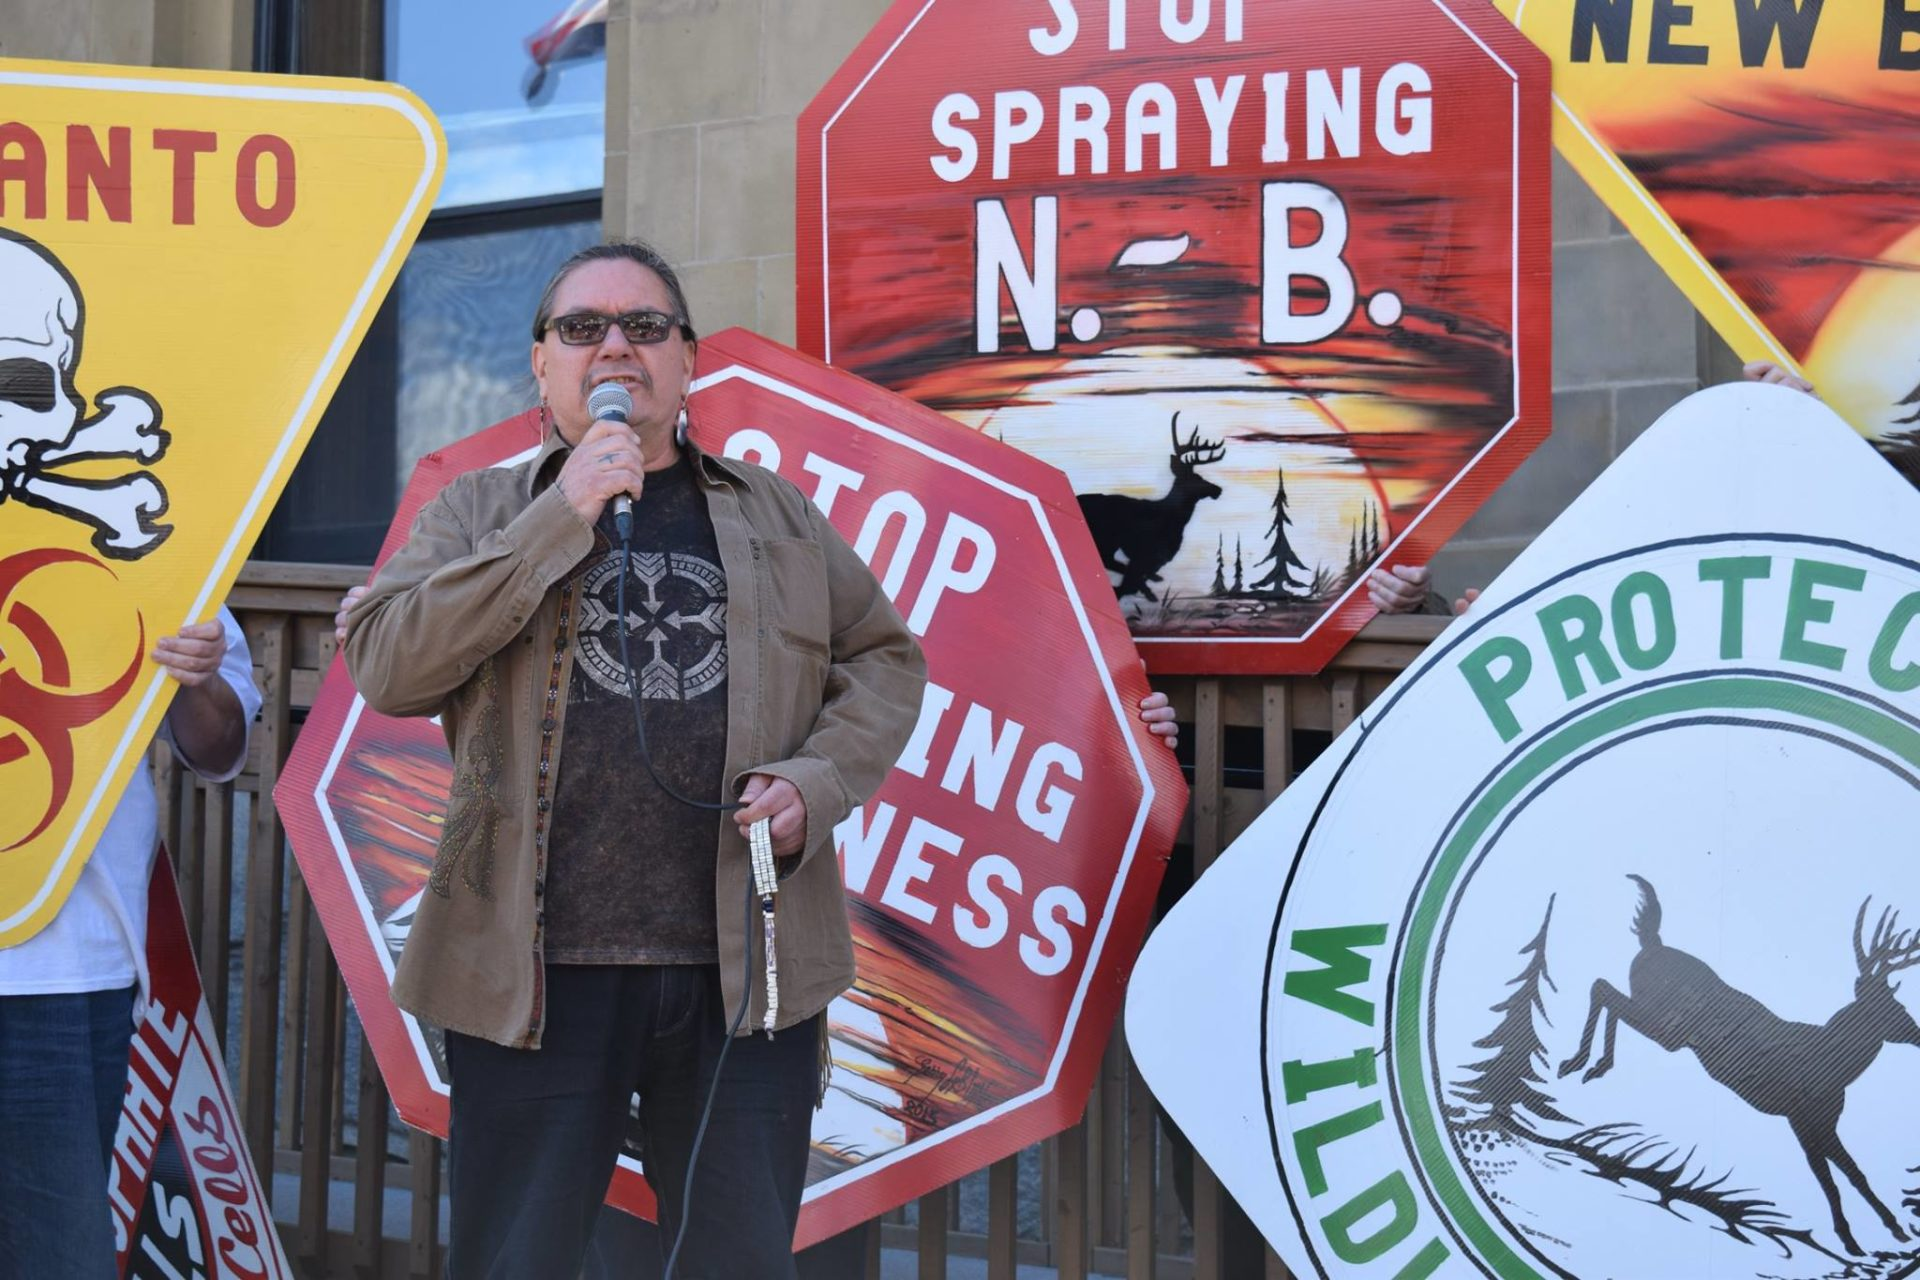 Les Verts les seules à se battre contre l'épandage de glyphosate cette session